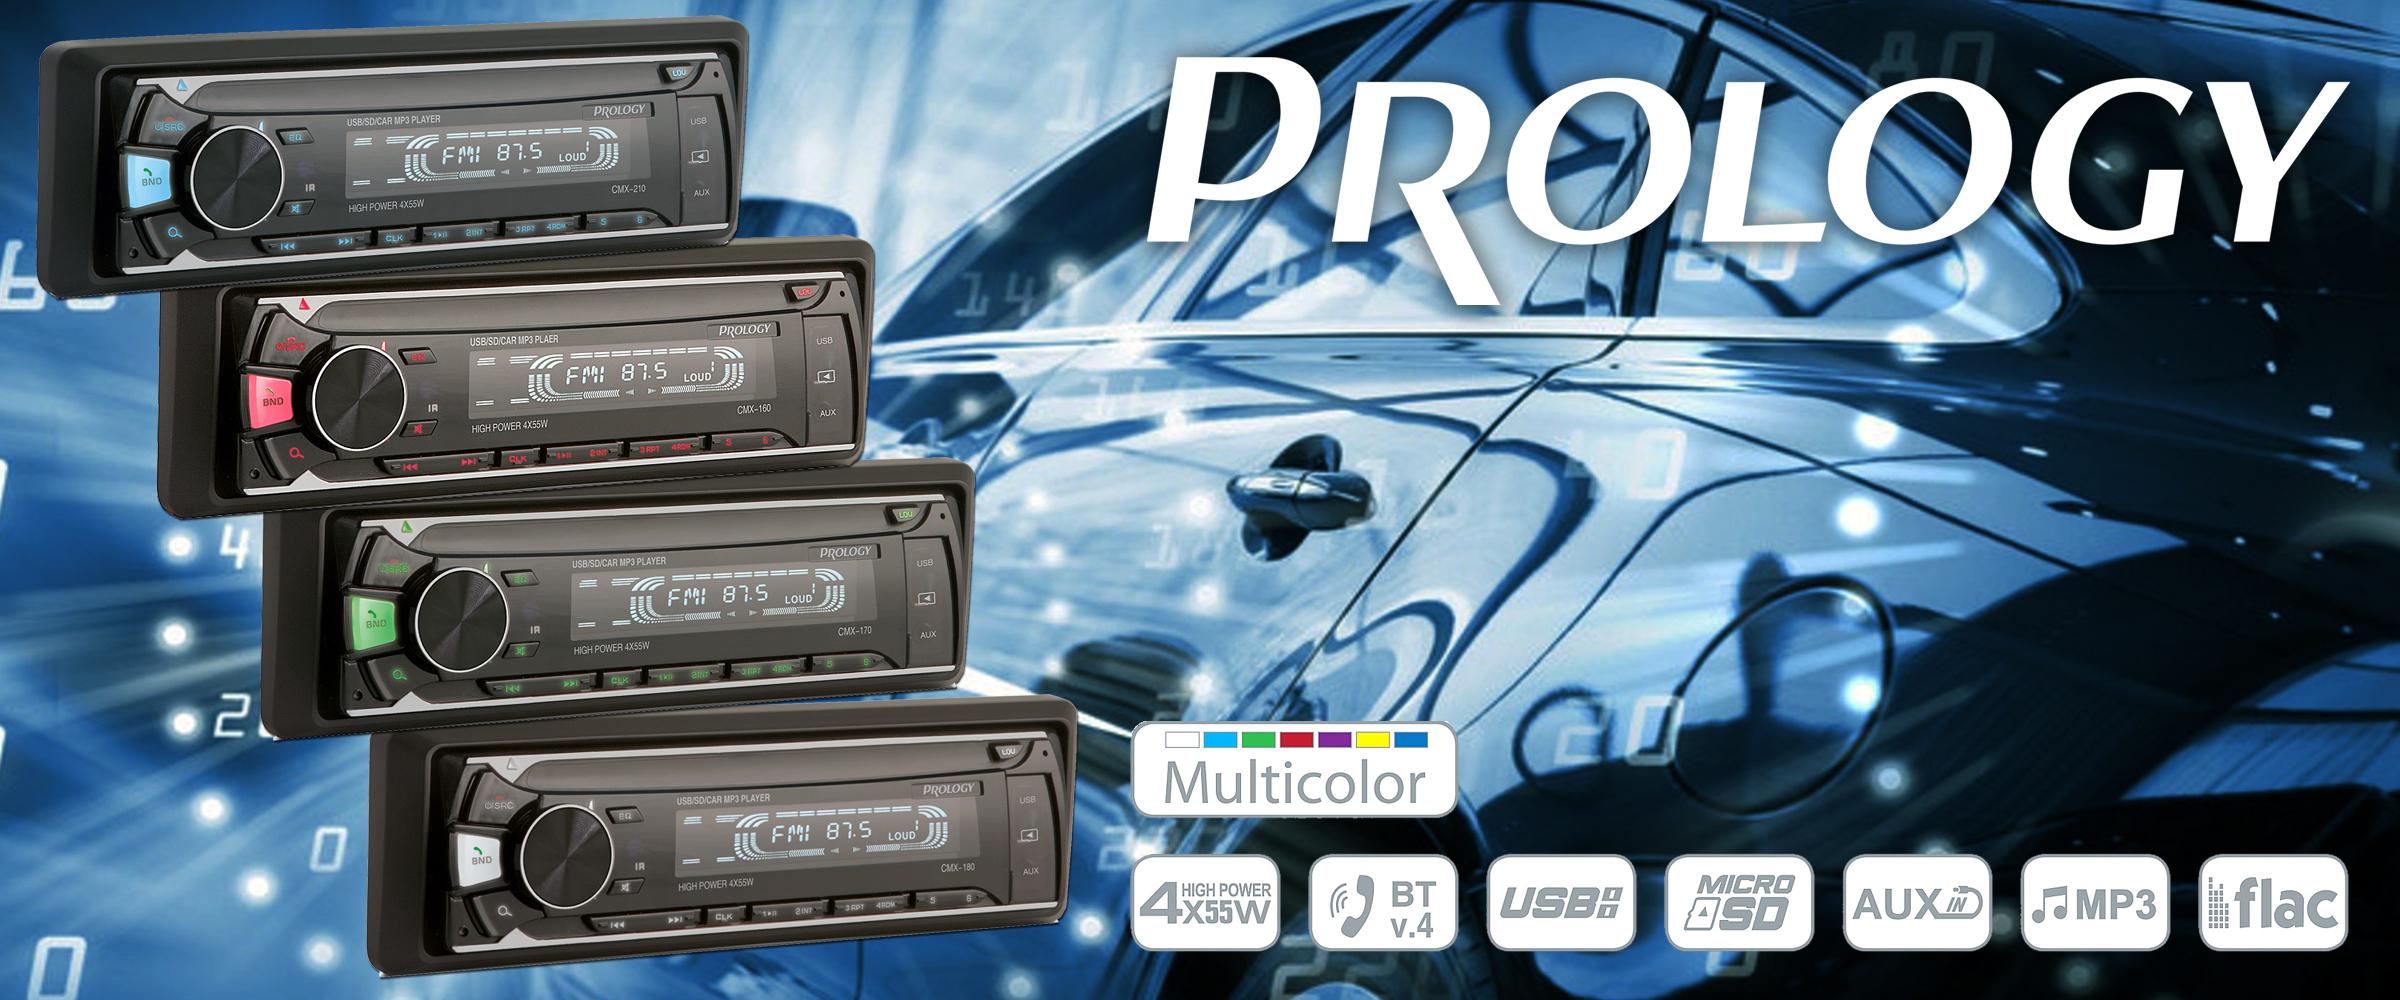 NEW FM SD/USB РЕСИВЕРЫ С BLUETOOTH И FLAC